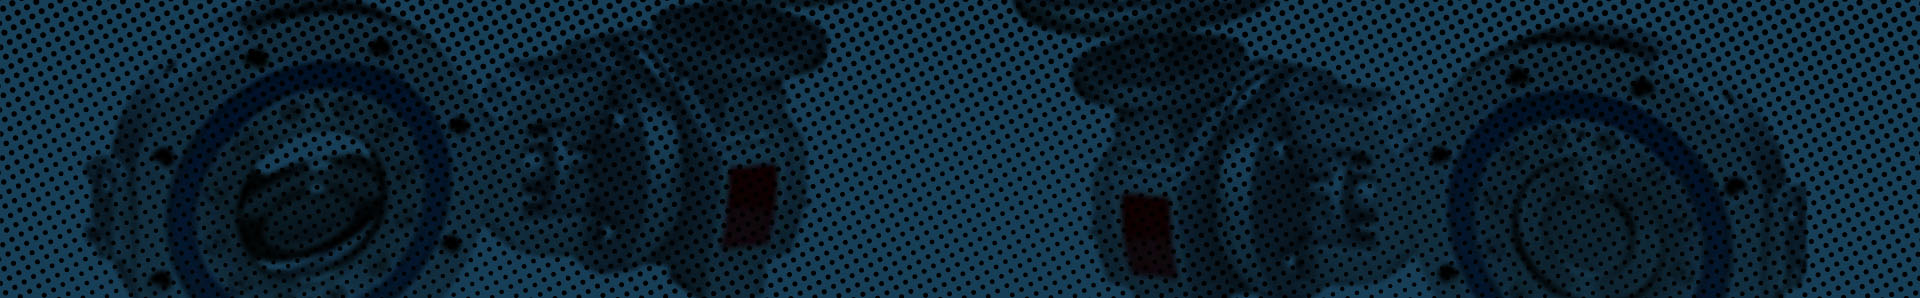 Valves_header